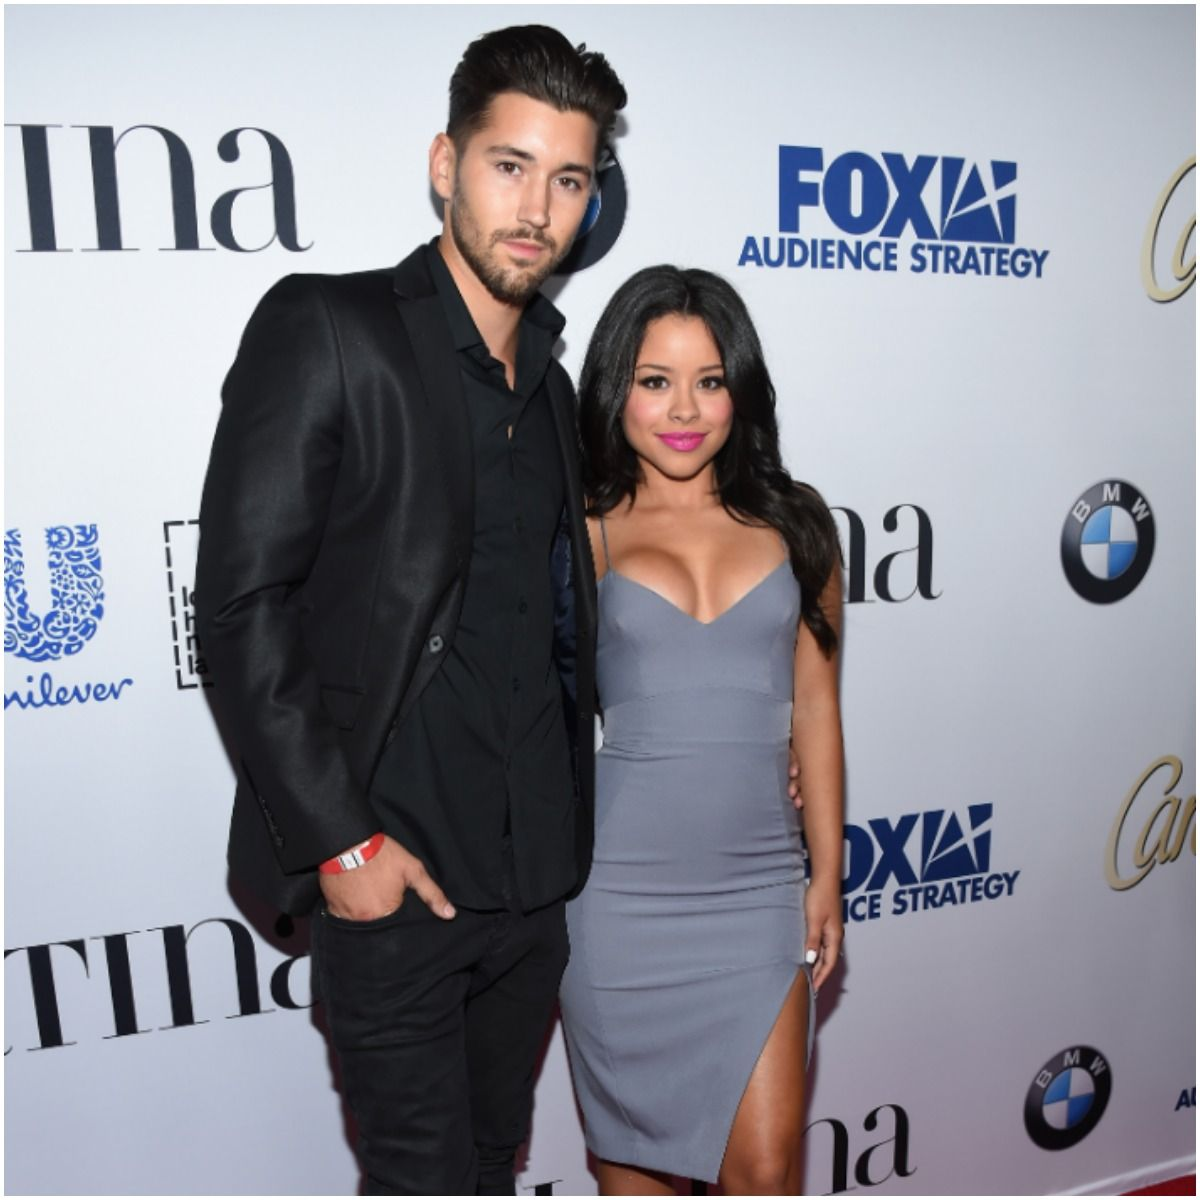 Jeff Wittek and his ex-girlfriend Cierra Ramirez